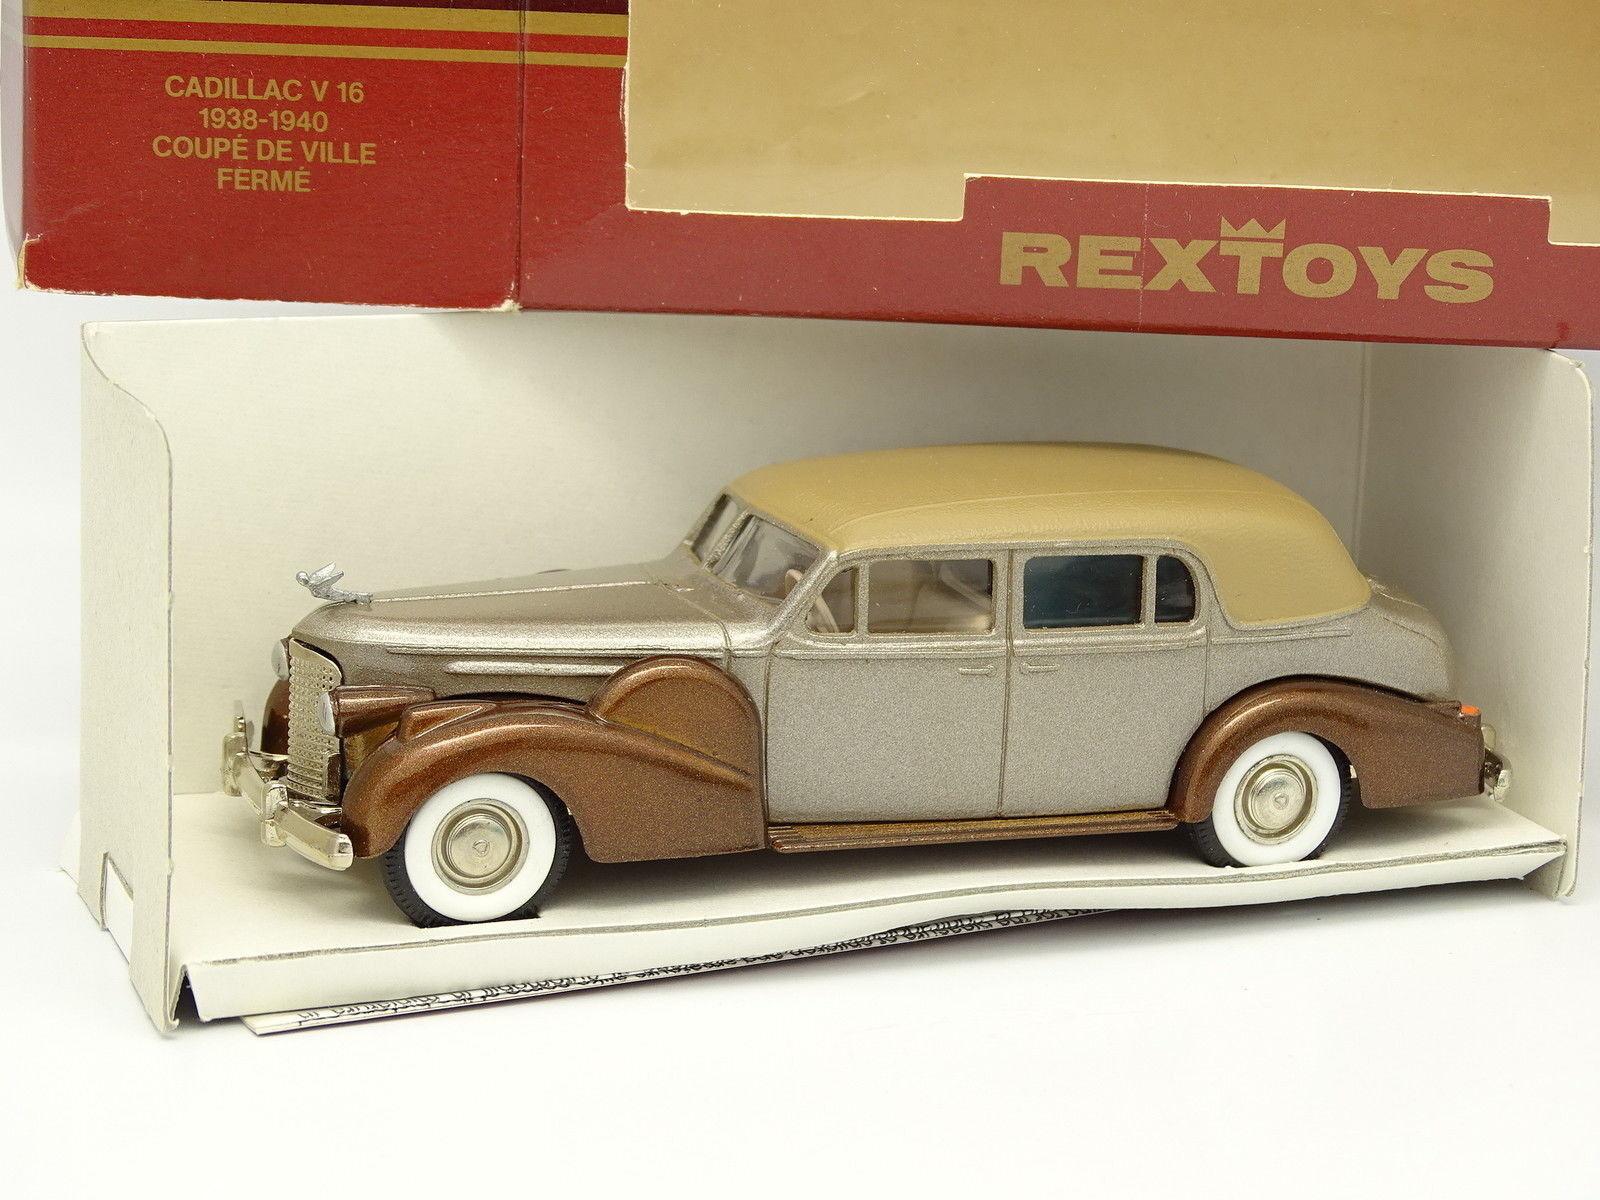 Rextoys 1 43 - Cadillac V16 Schale Stadt 1940 geschlossen Braun